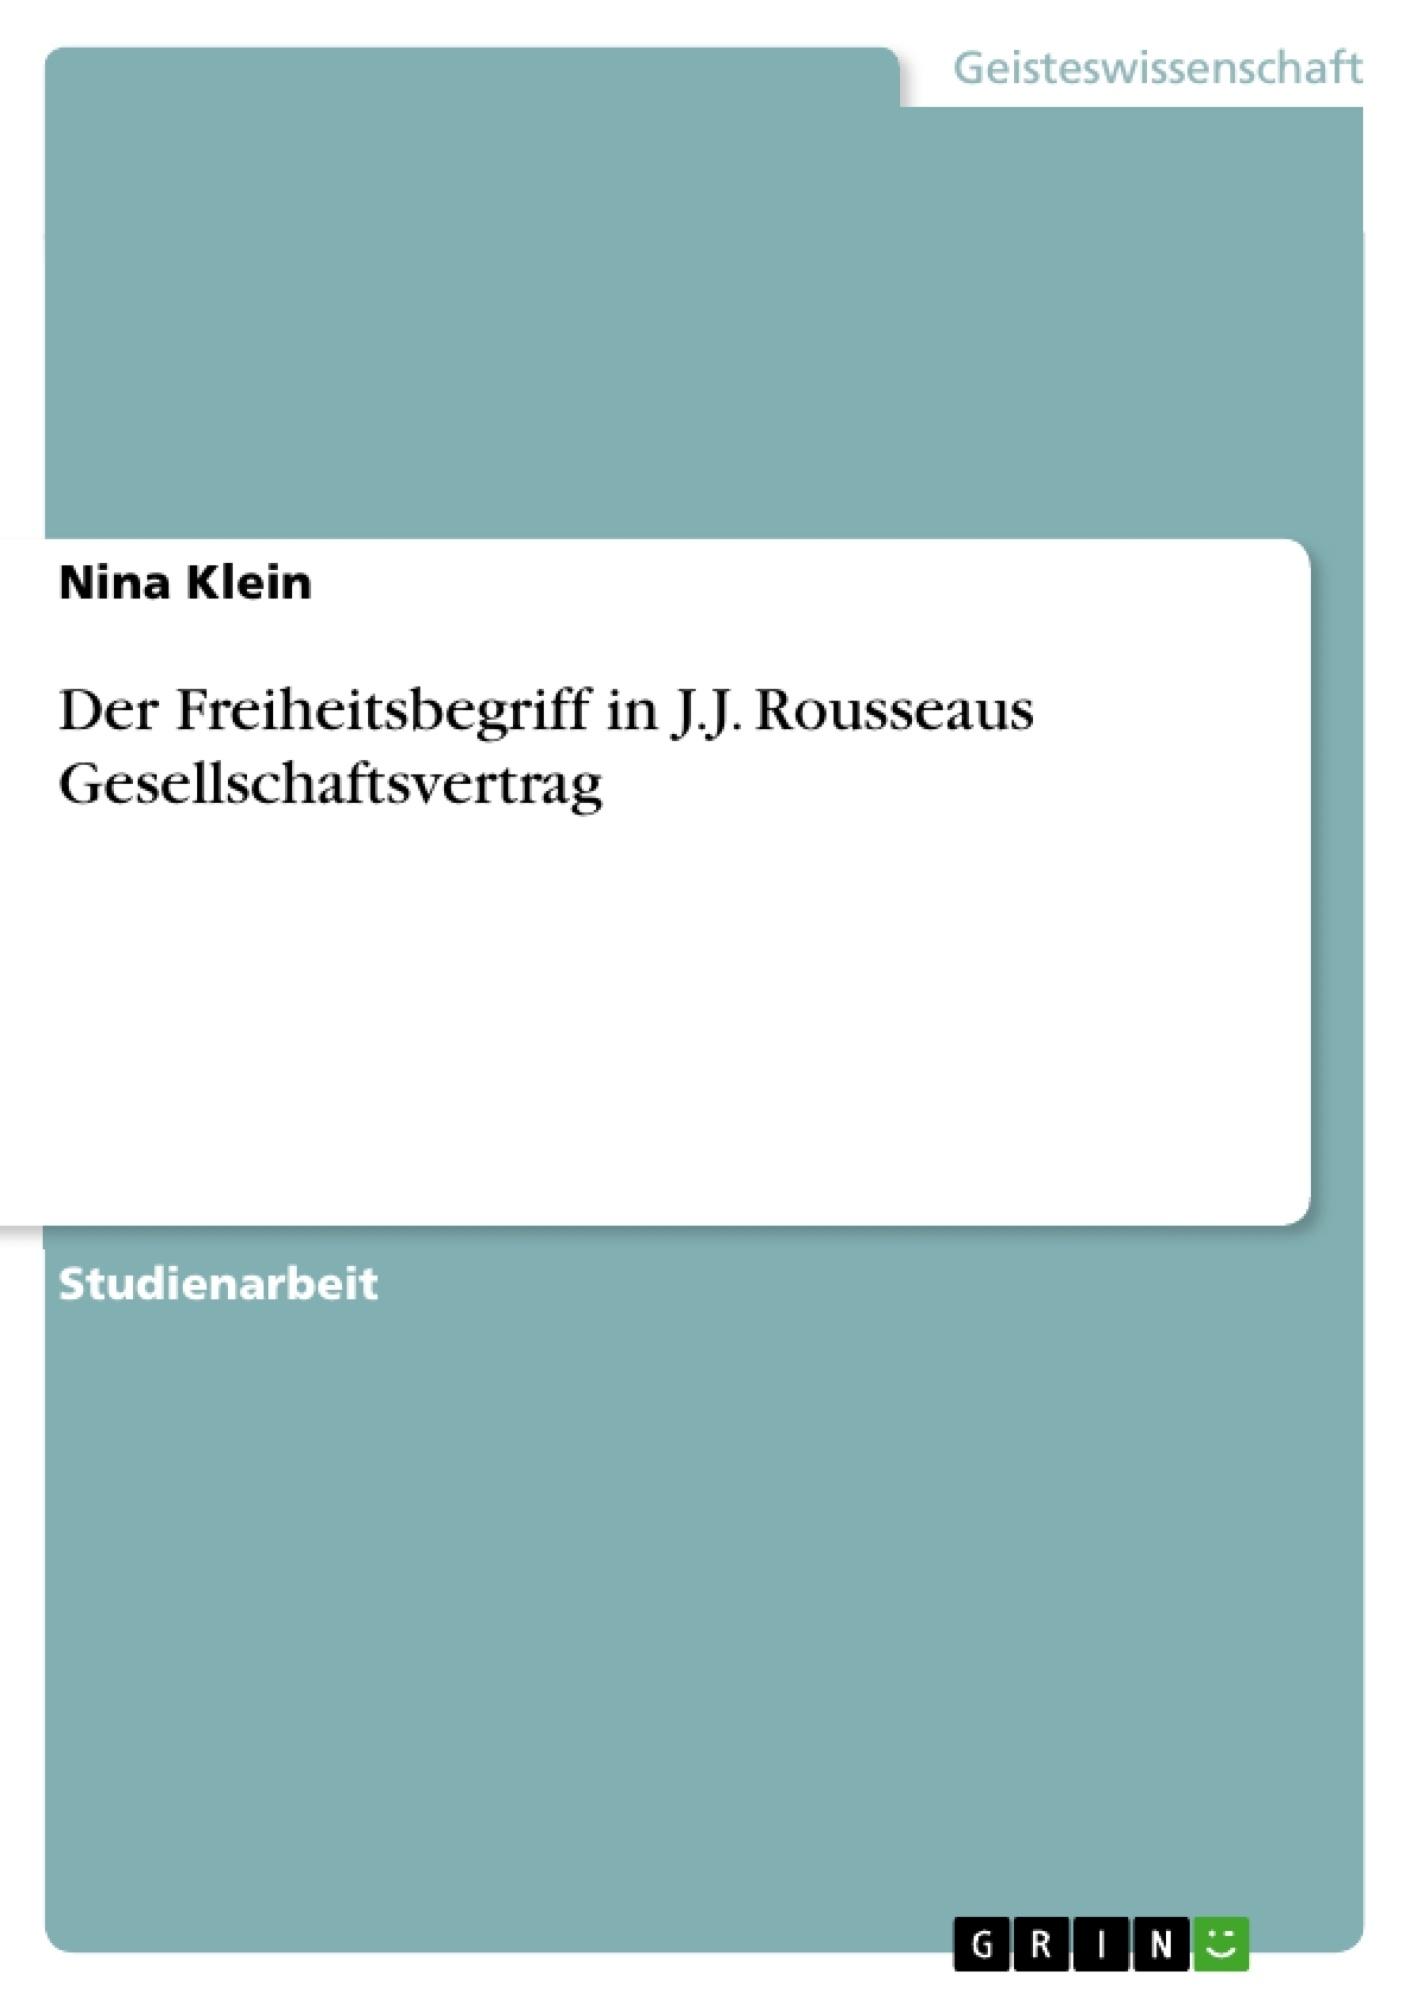 Titel: Der Freiheitsbegriff in J.J. Rousseaus Gesellschaftsvertrag